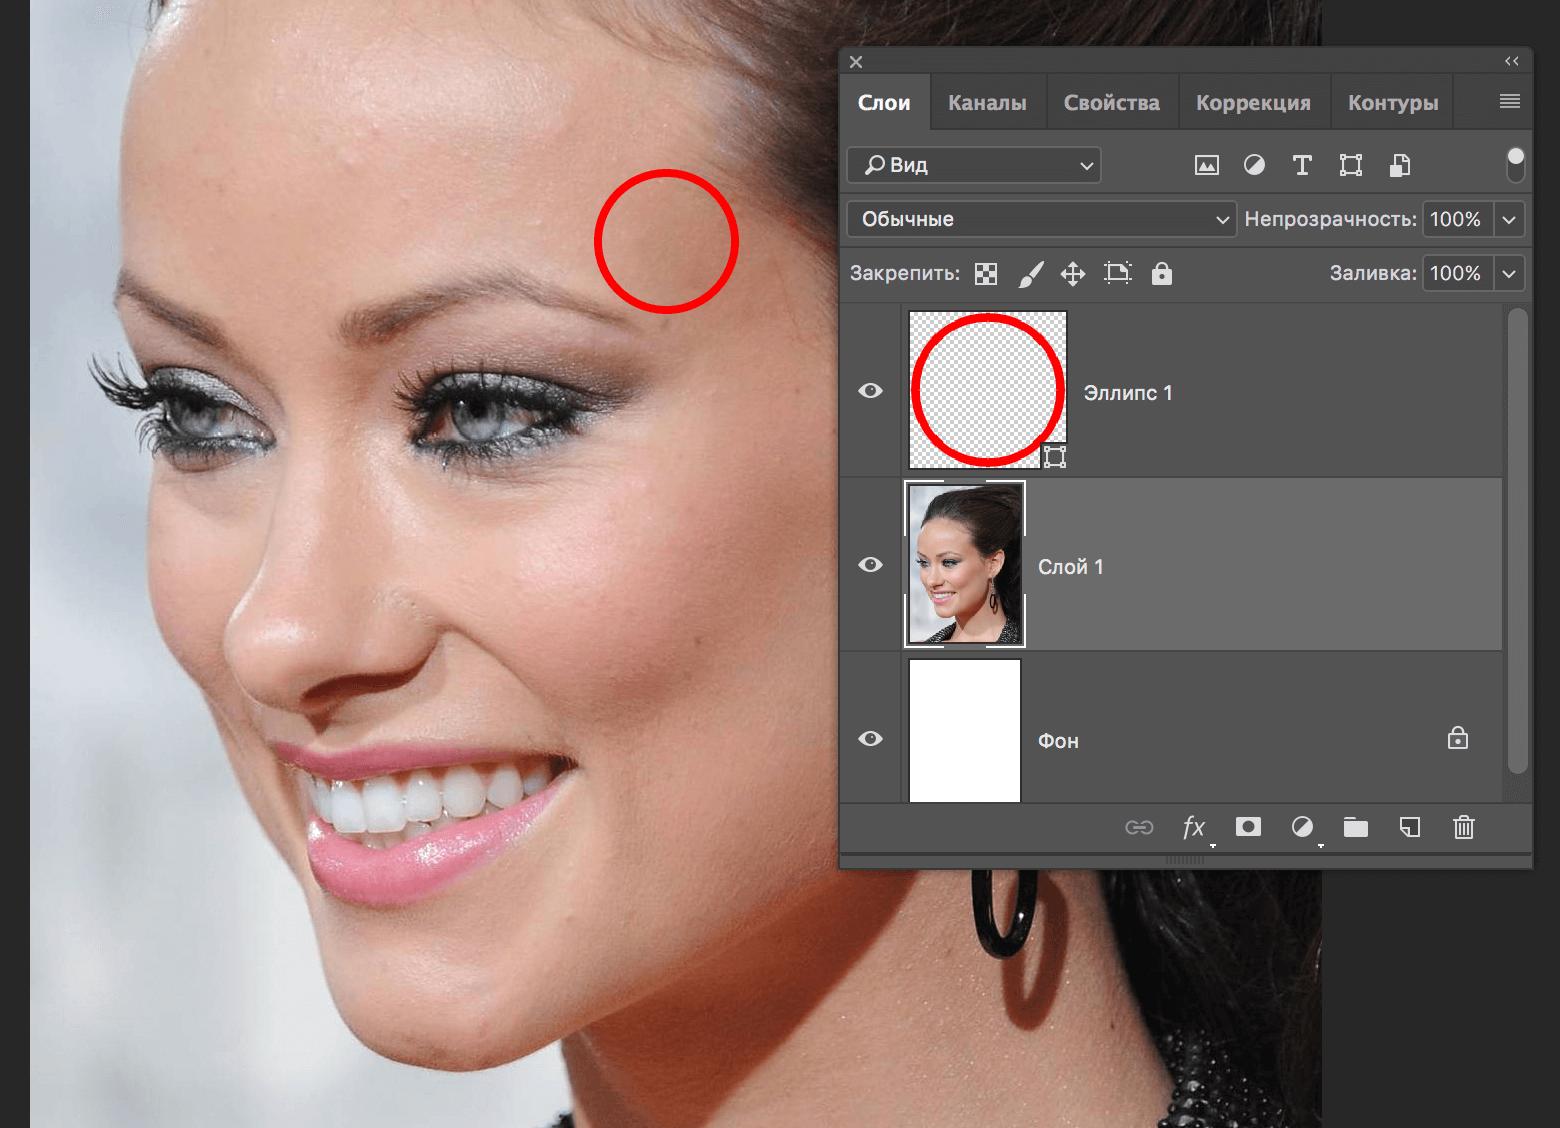 Восстанавливающая кисть в Фотошопе: как пользоваться